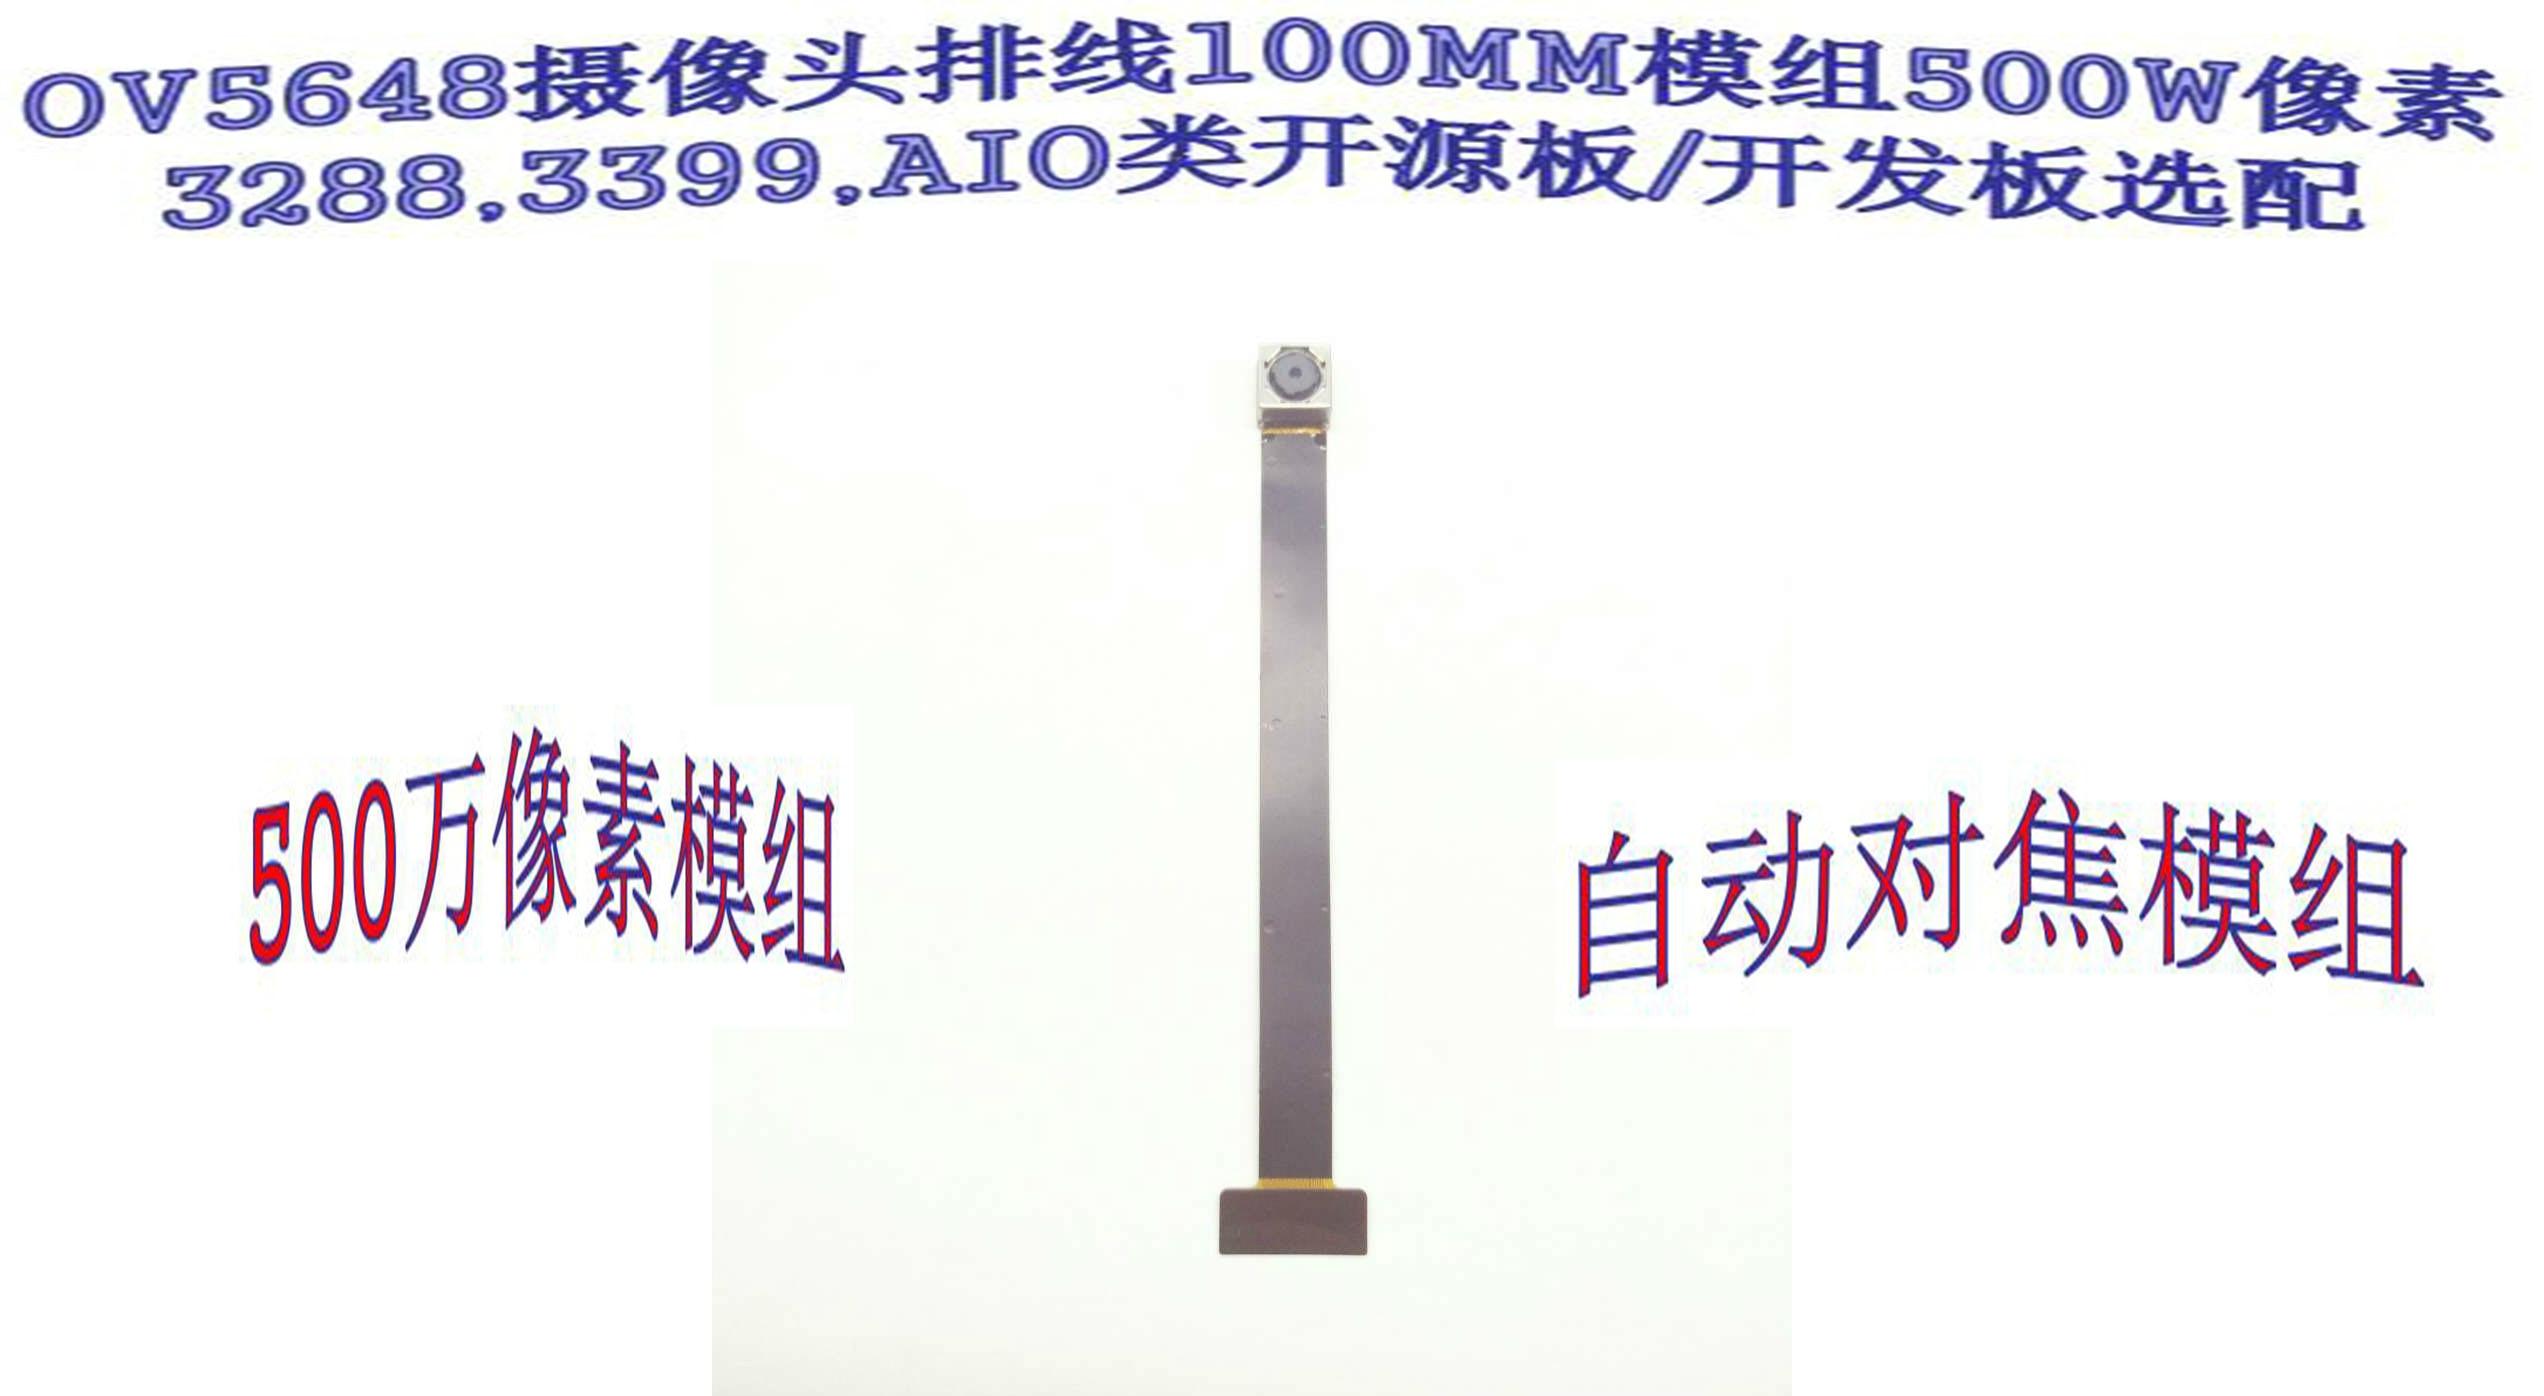 OV5648 камера с автофокусом модуль высокой четкости 500 Вт пикселей MIPI адаптация rk3288/rk3399